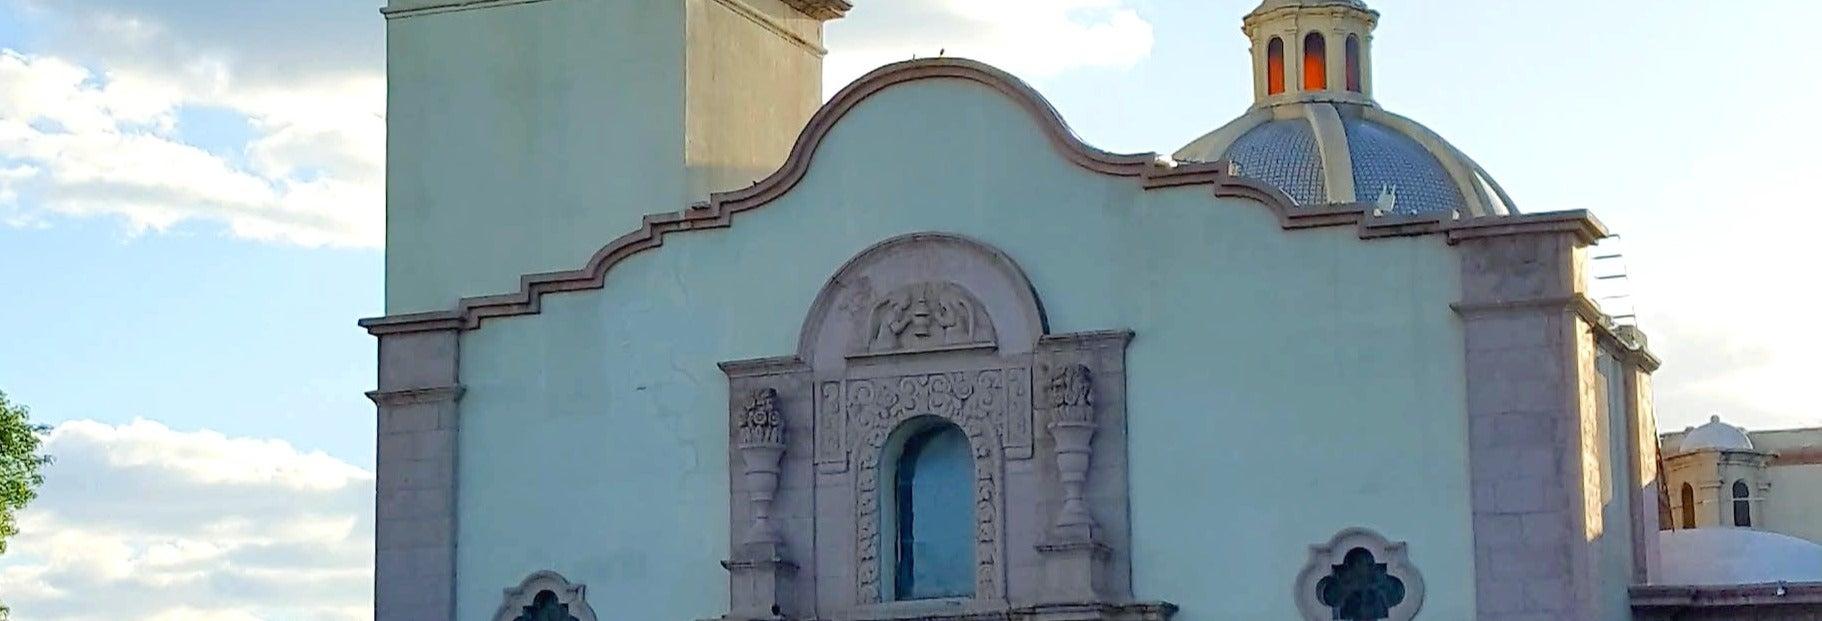 Excursión de 4 días por las Misiones Jesuíticas de Sonora desde Hermosillo